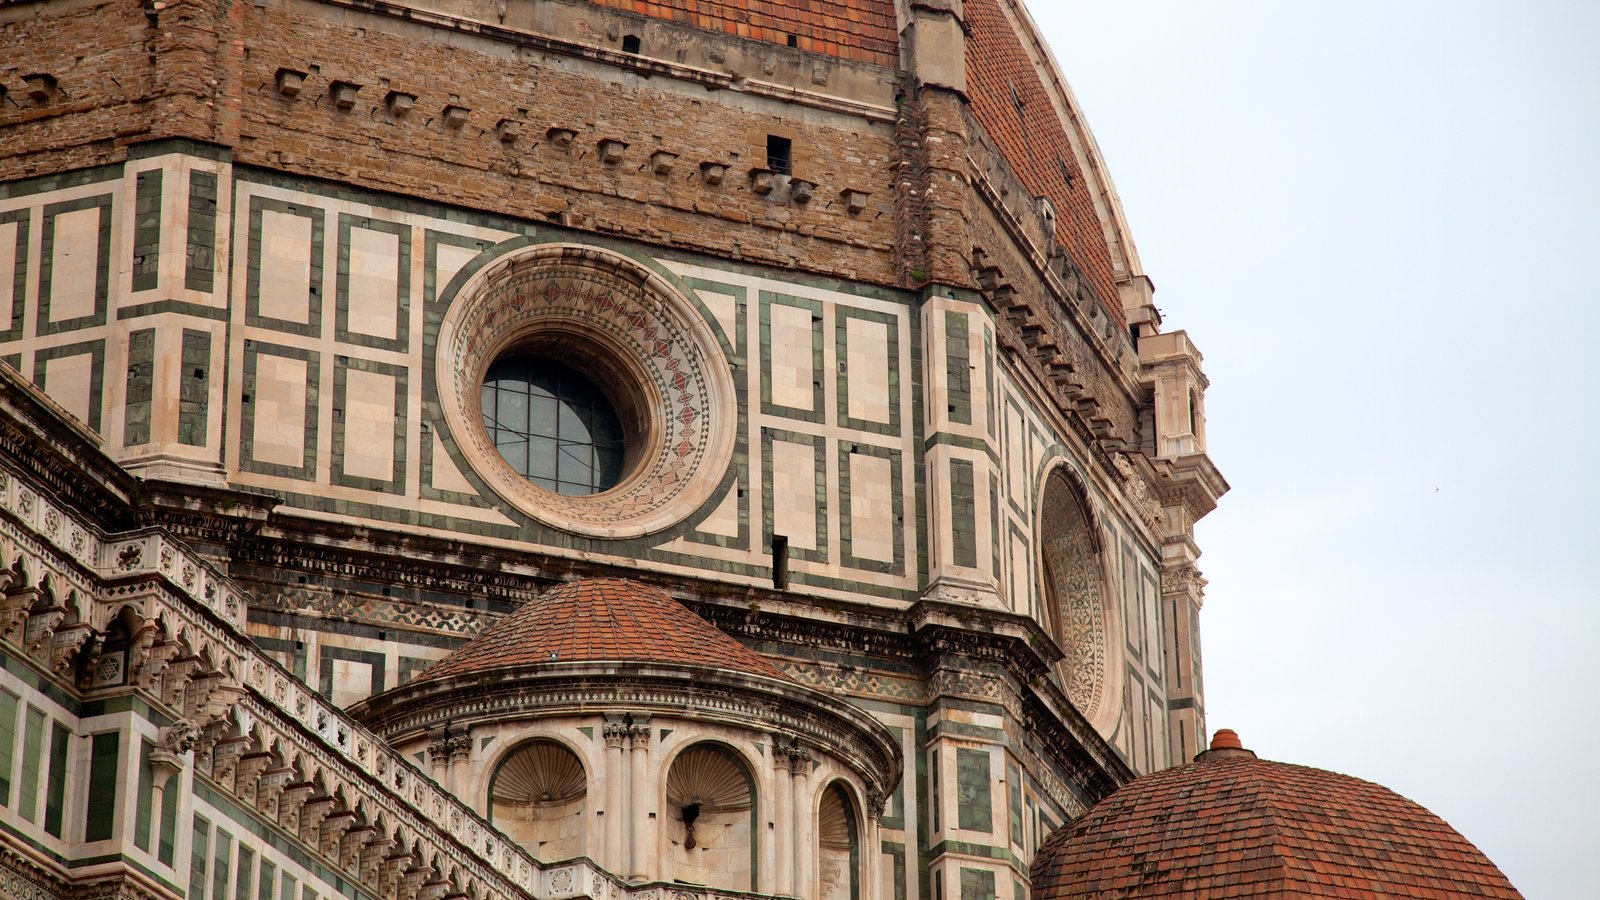 Catedral de Santa Maria del Fiore que inclui uma igreja ou catedral e arquitetura de patrimônio